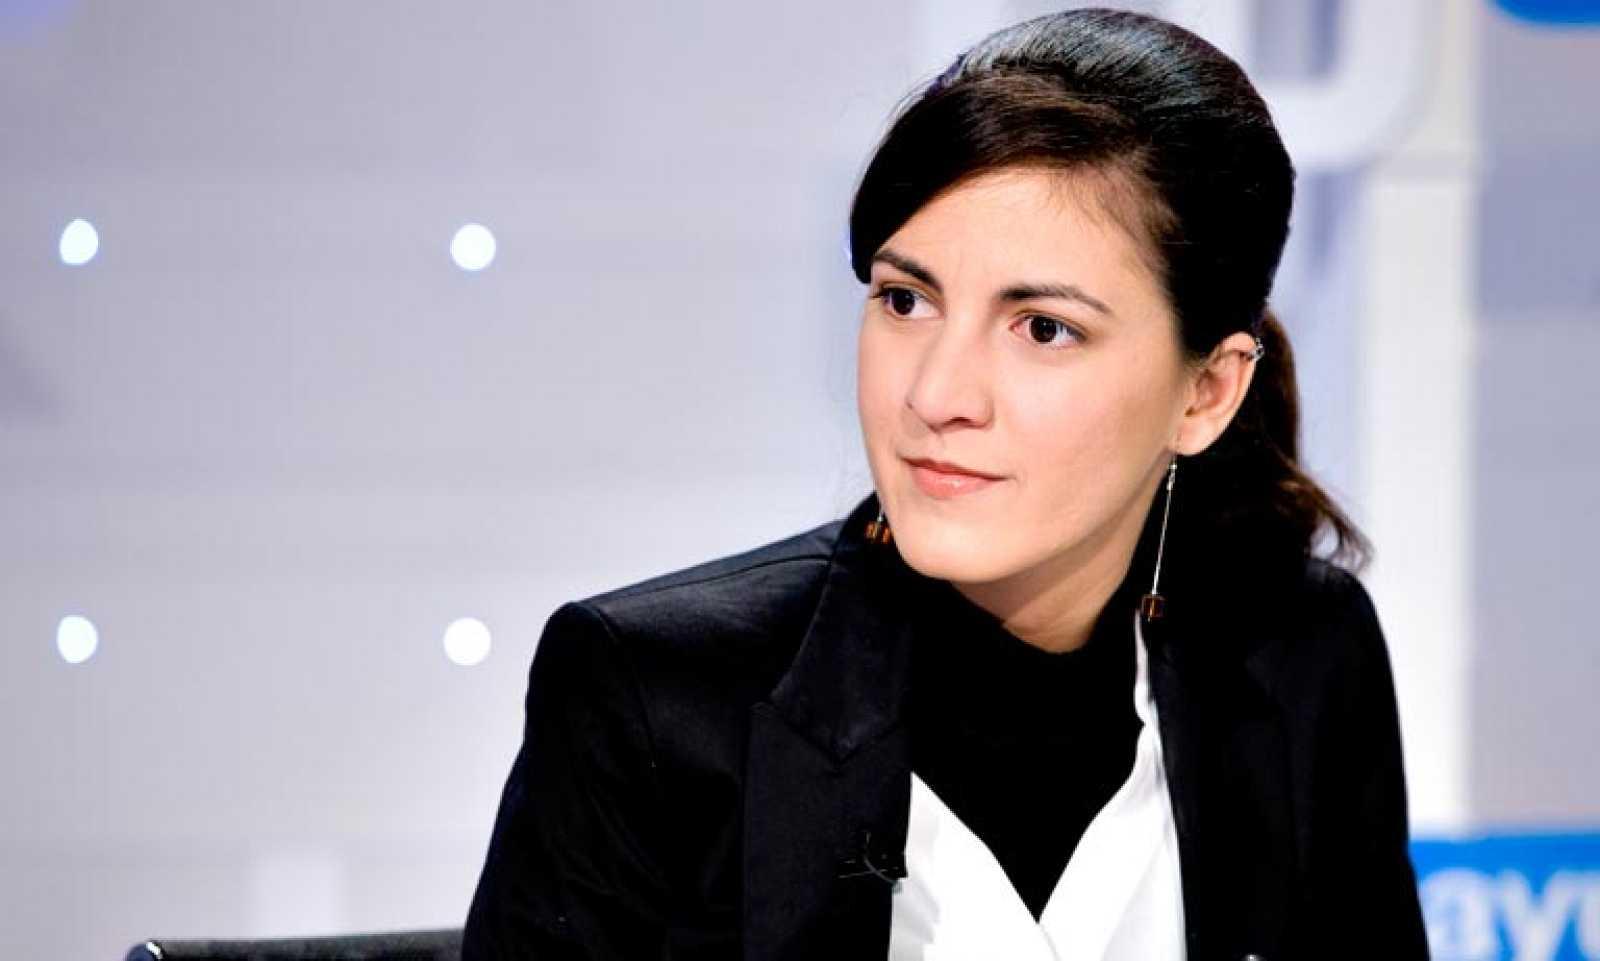 La hija de Payá lamenta que el gobierno español no responda a sus peticiones de investigación